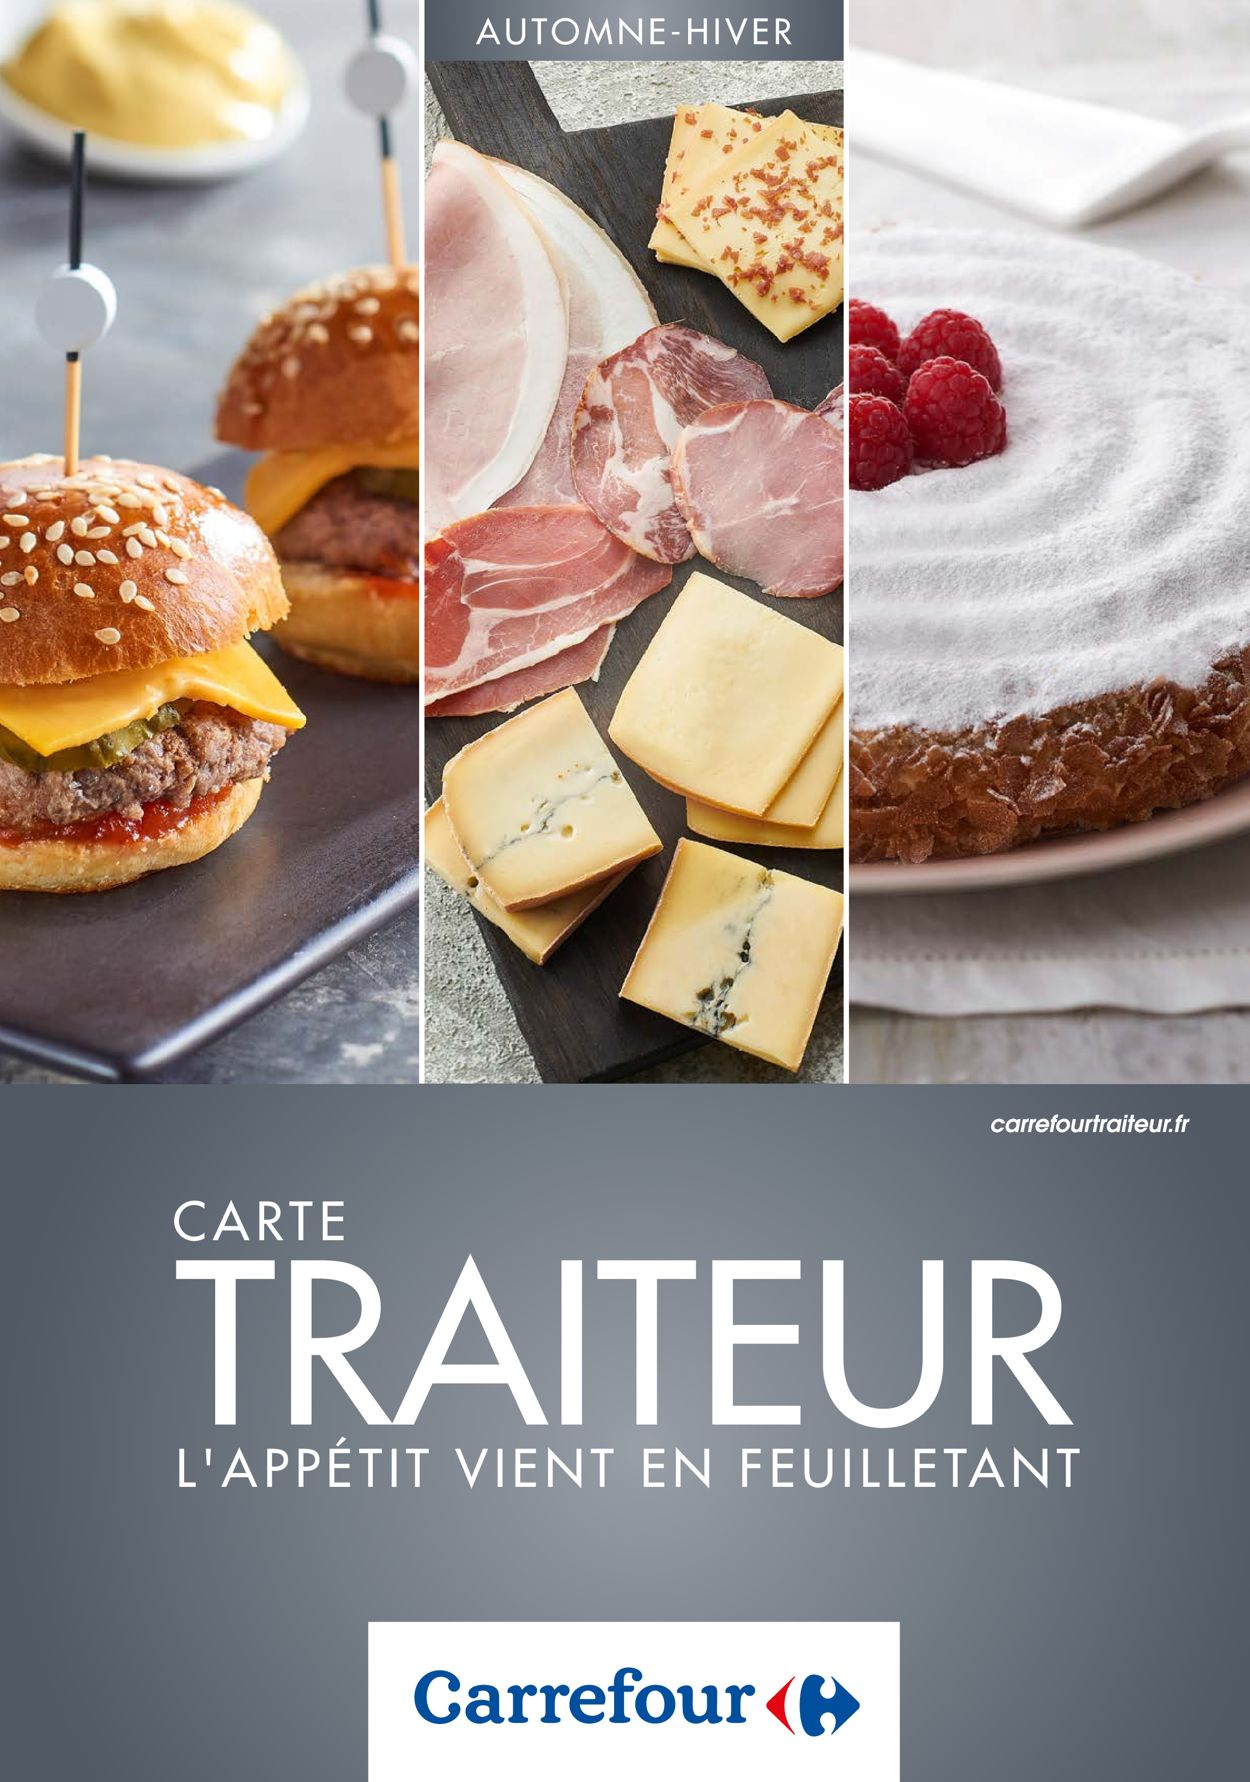 Carrefour Catalogue - 18.09-19.03.2020